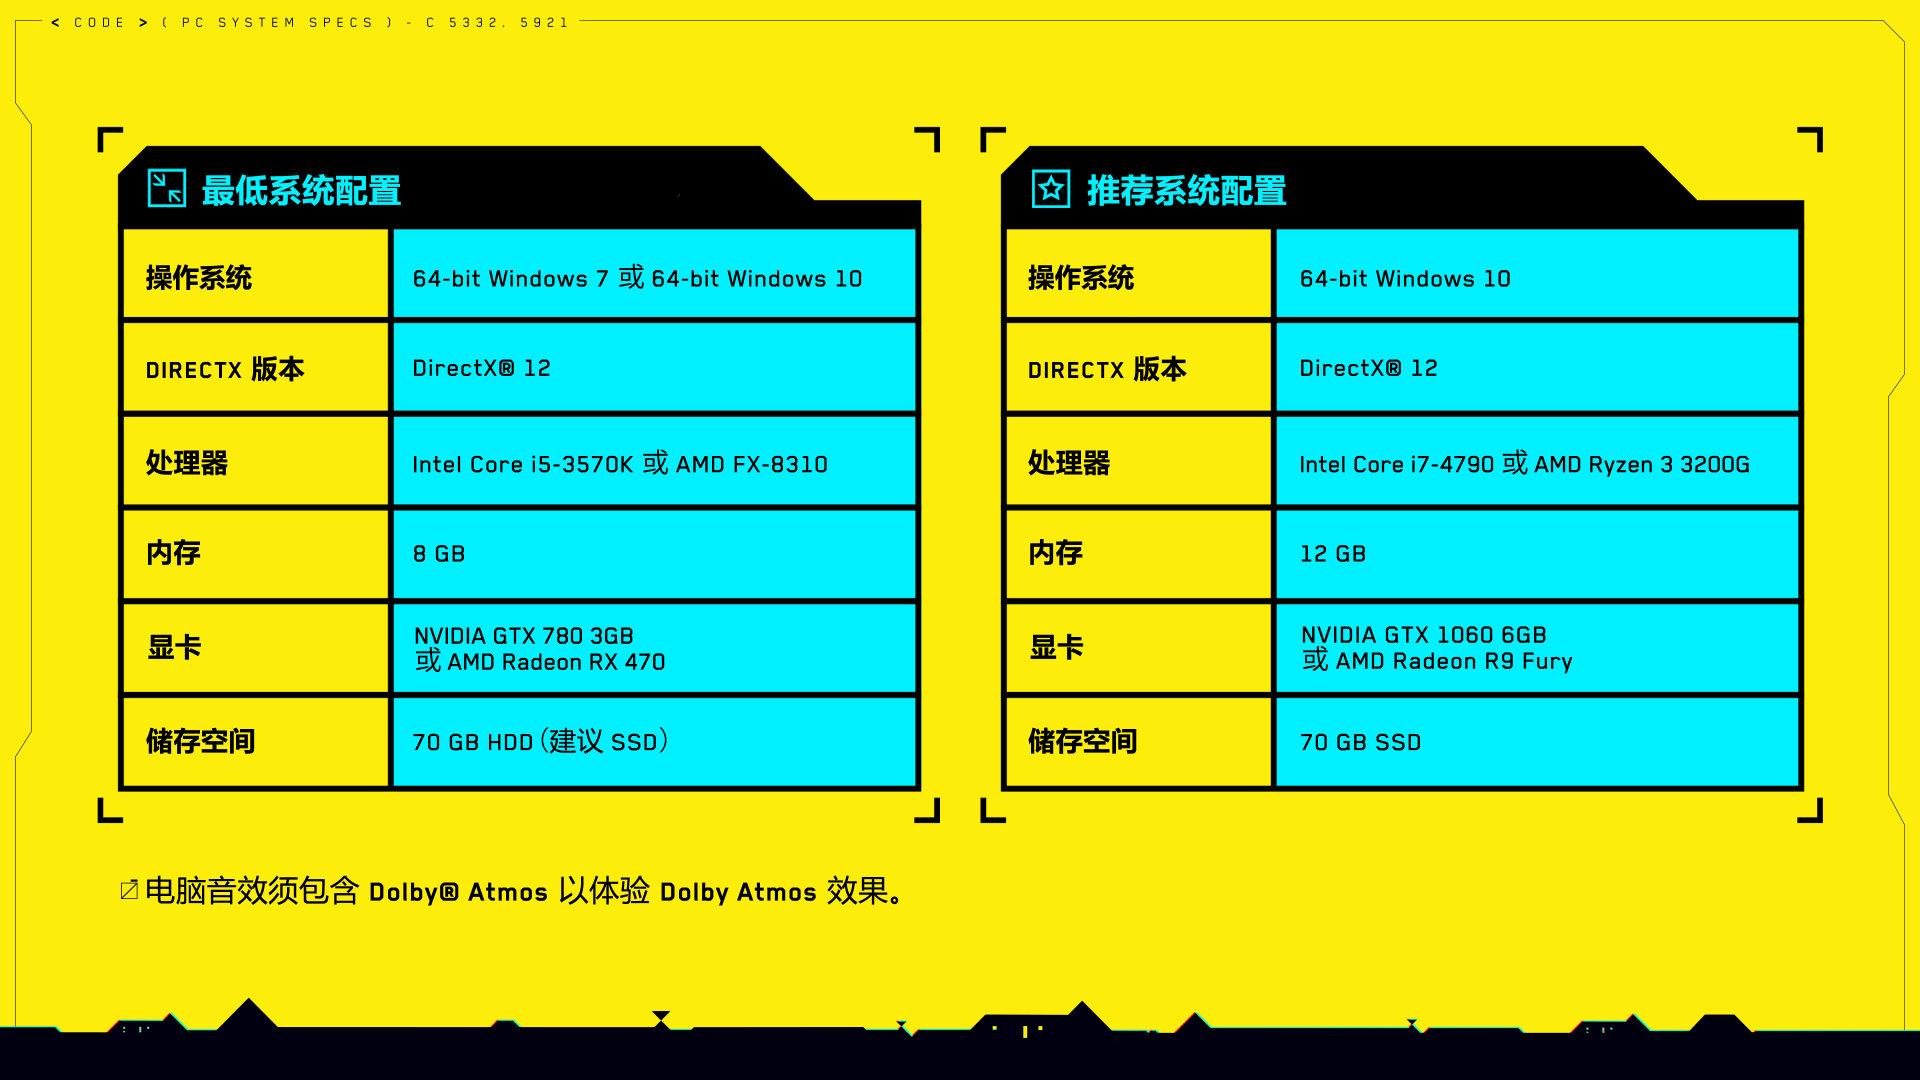 《赛博朋克2077》配置公布 i5、GTX780、空间70G即可